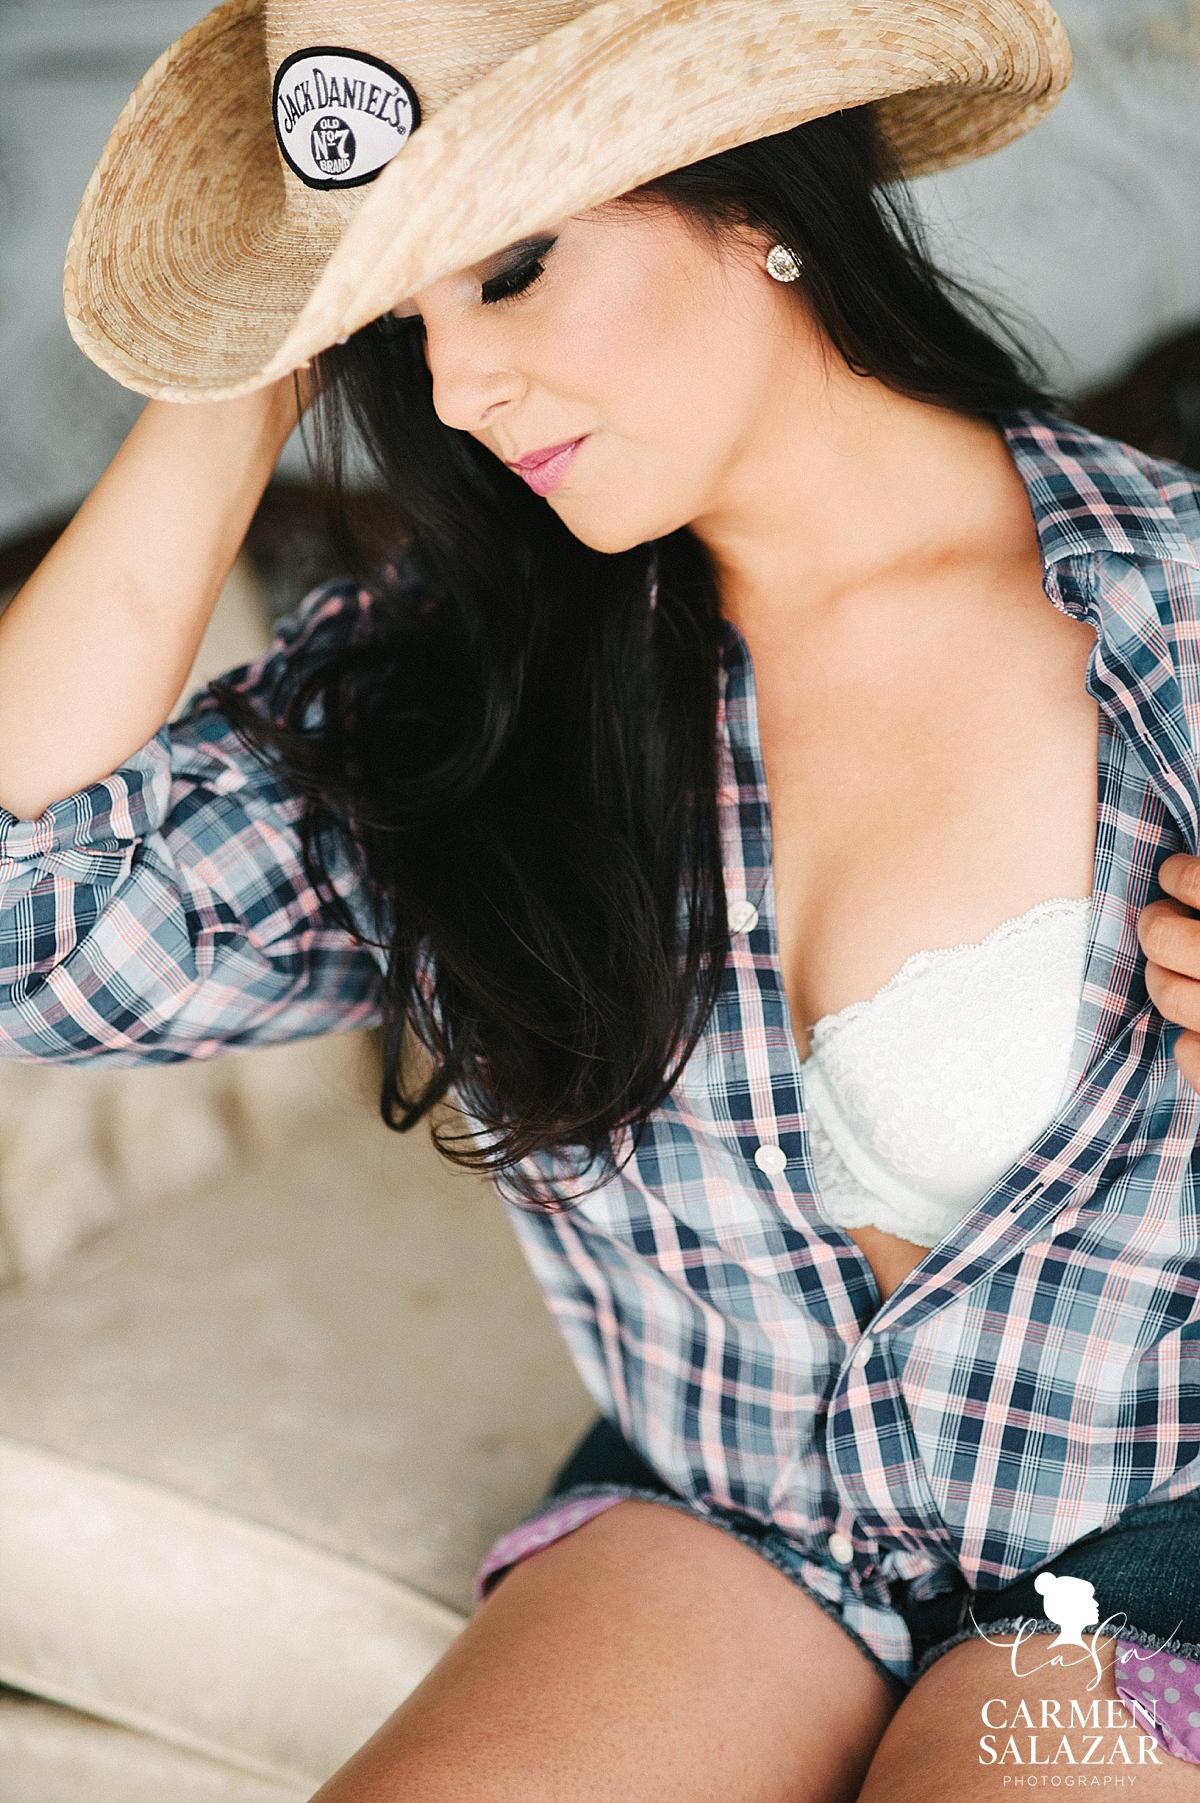 Playful cowgirl boudoir style - Carmen Salazar